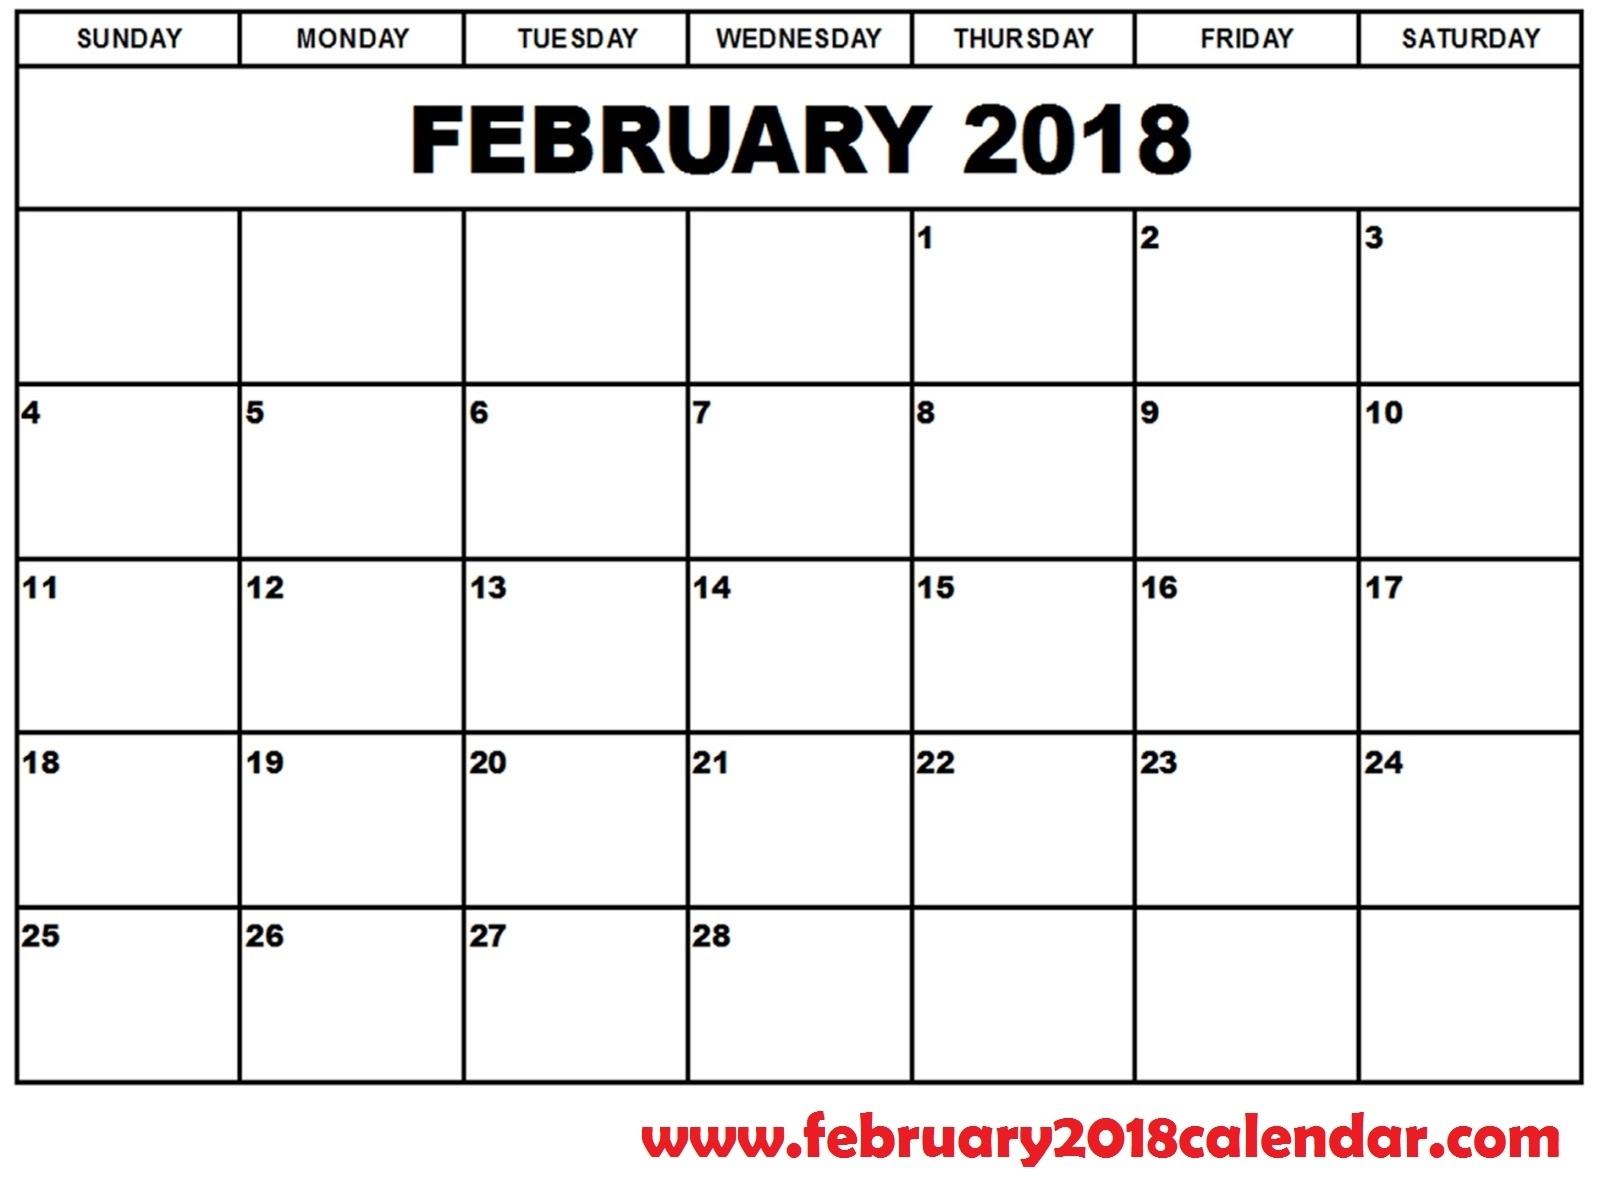 February 2019 Calendar | Site Provides Calendar Template Of February